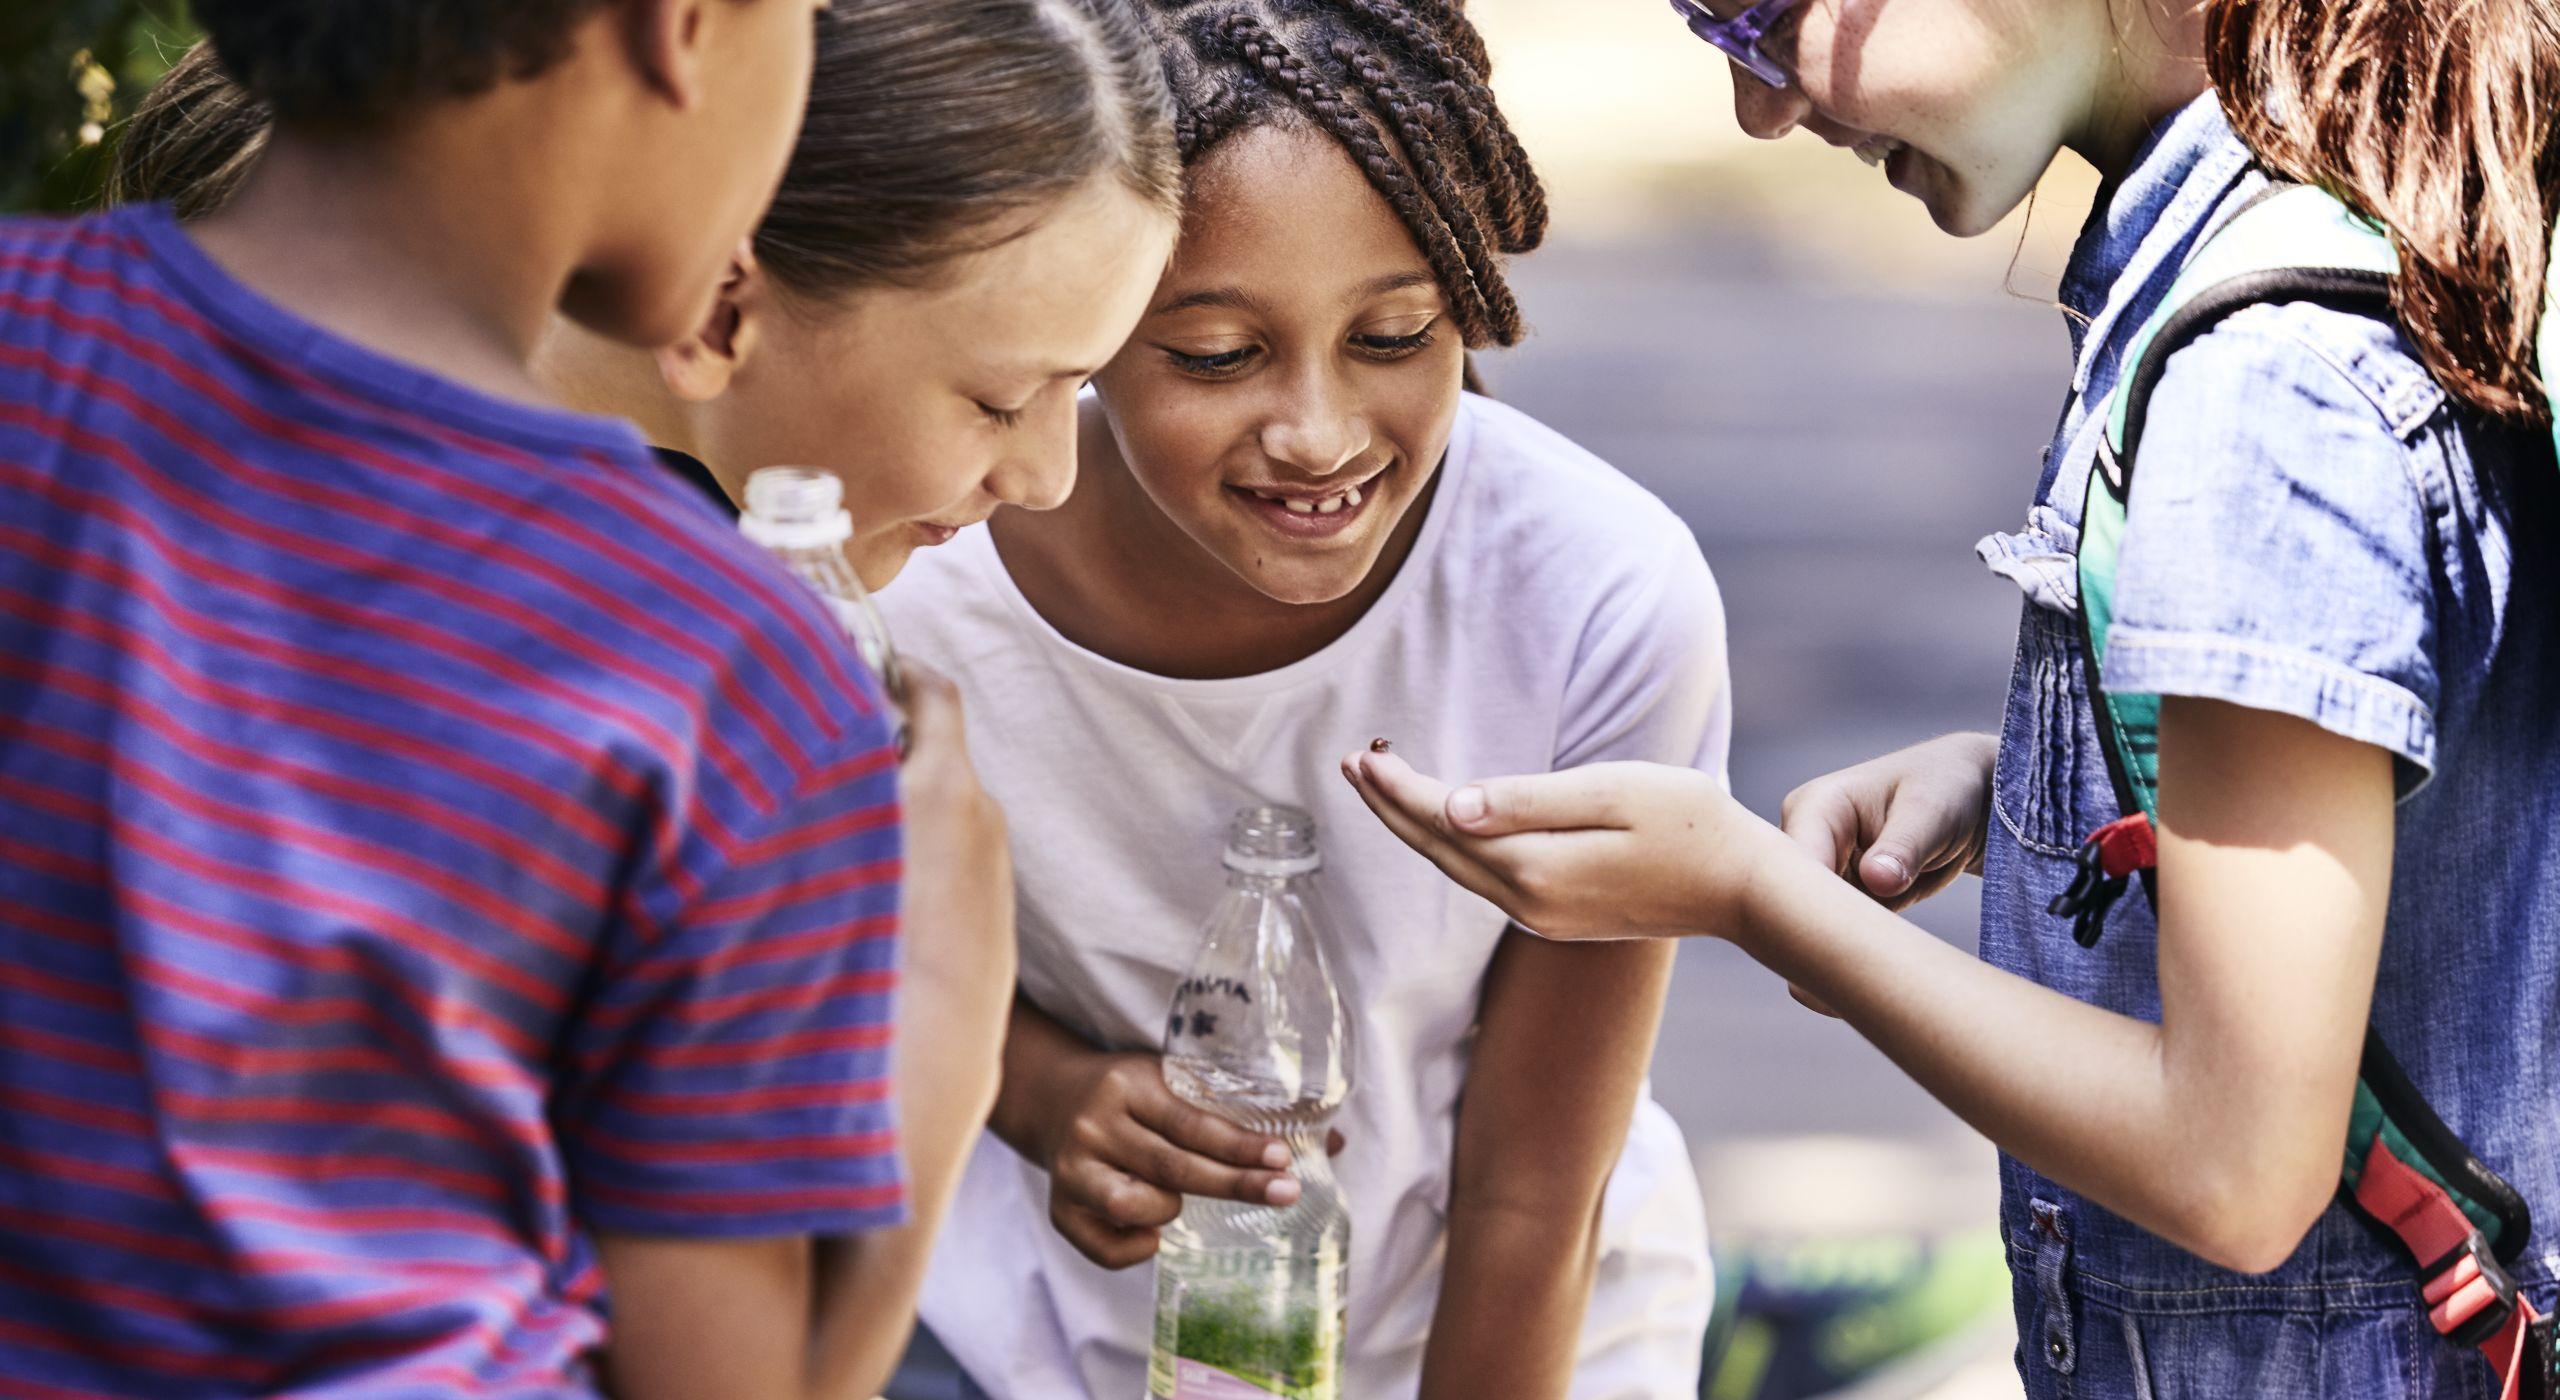 Kinder beim Entdecken ihres Grätzls.